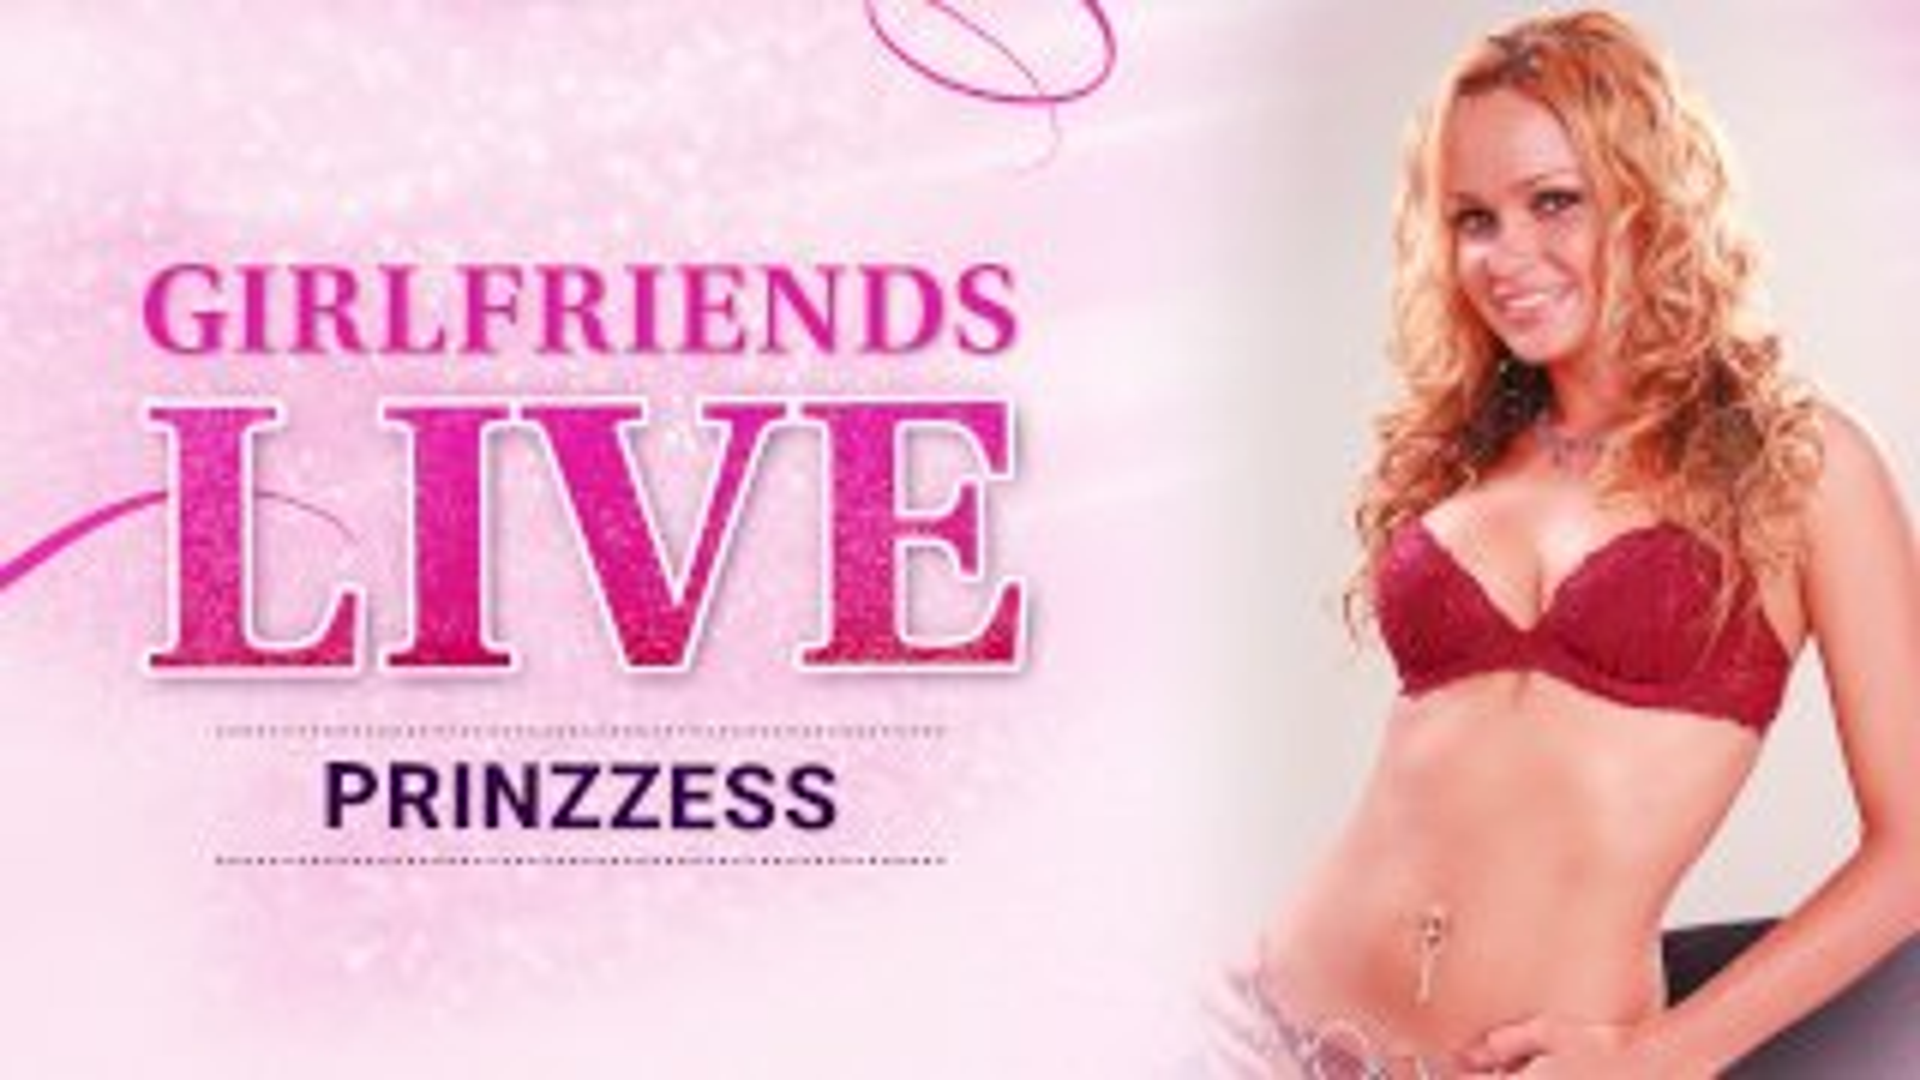 Girlfriends Live - Prinzzess, Scene #01 - Girlfriends Films